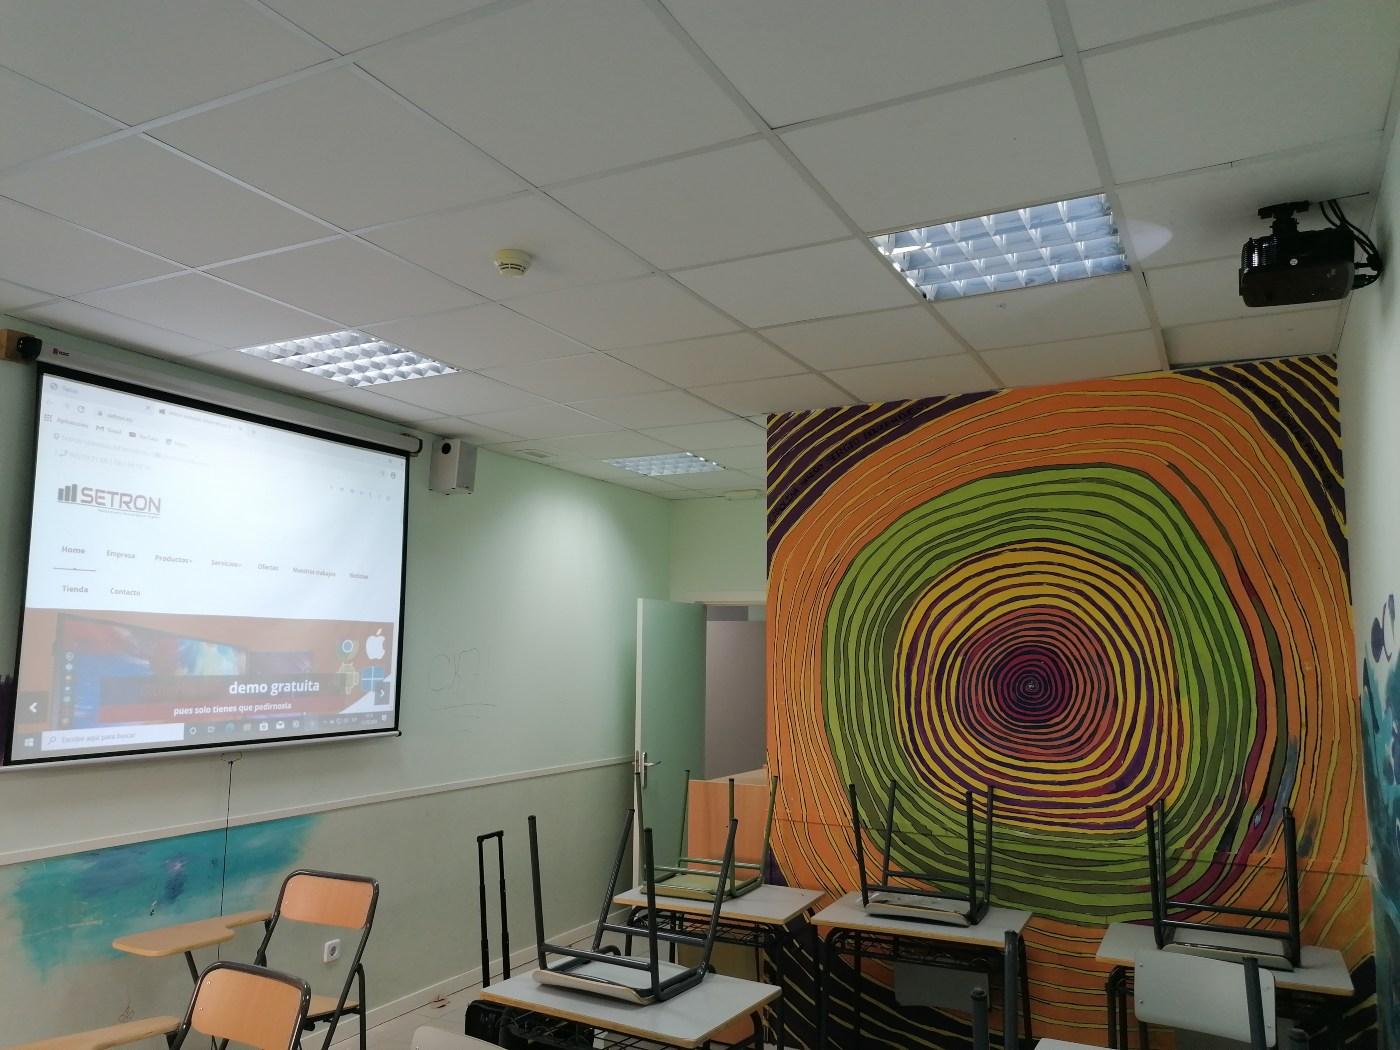 instalacion de videoproyector con altavoces y pantalla